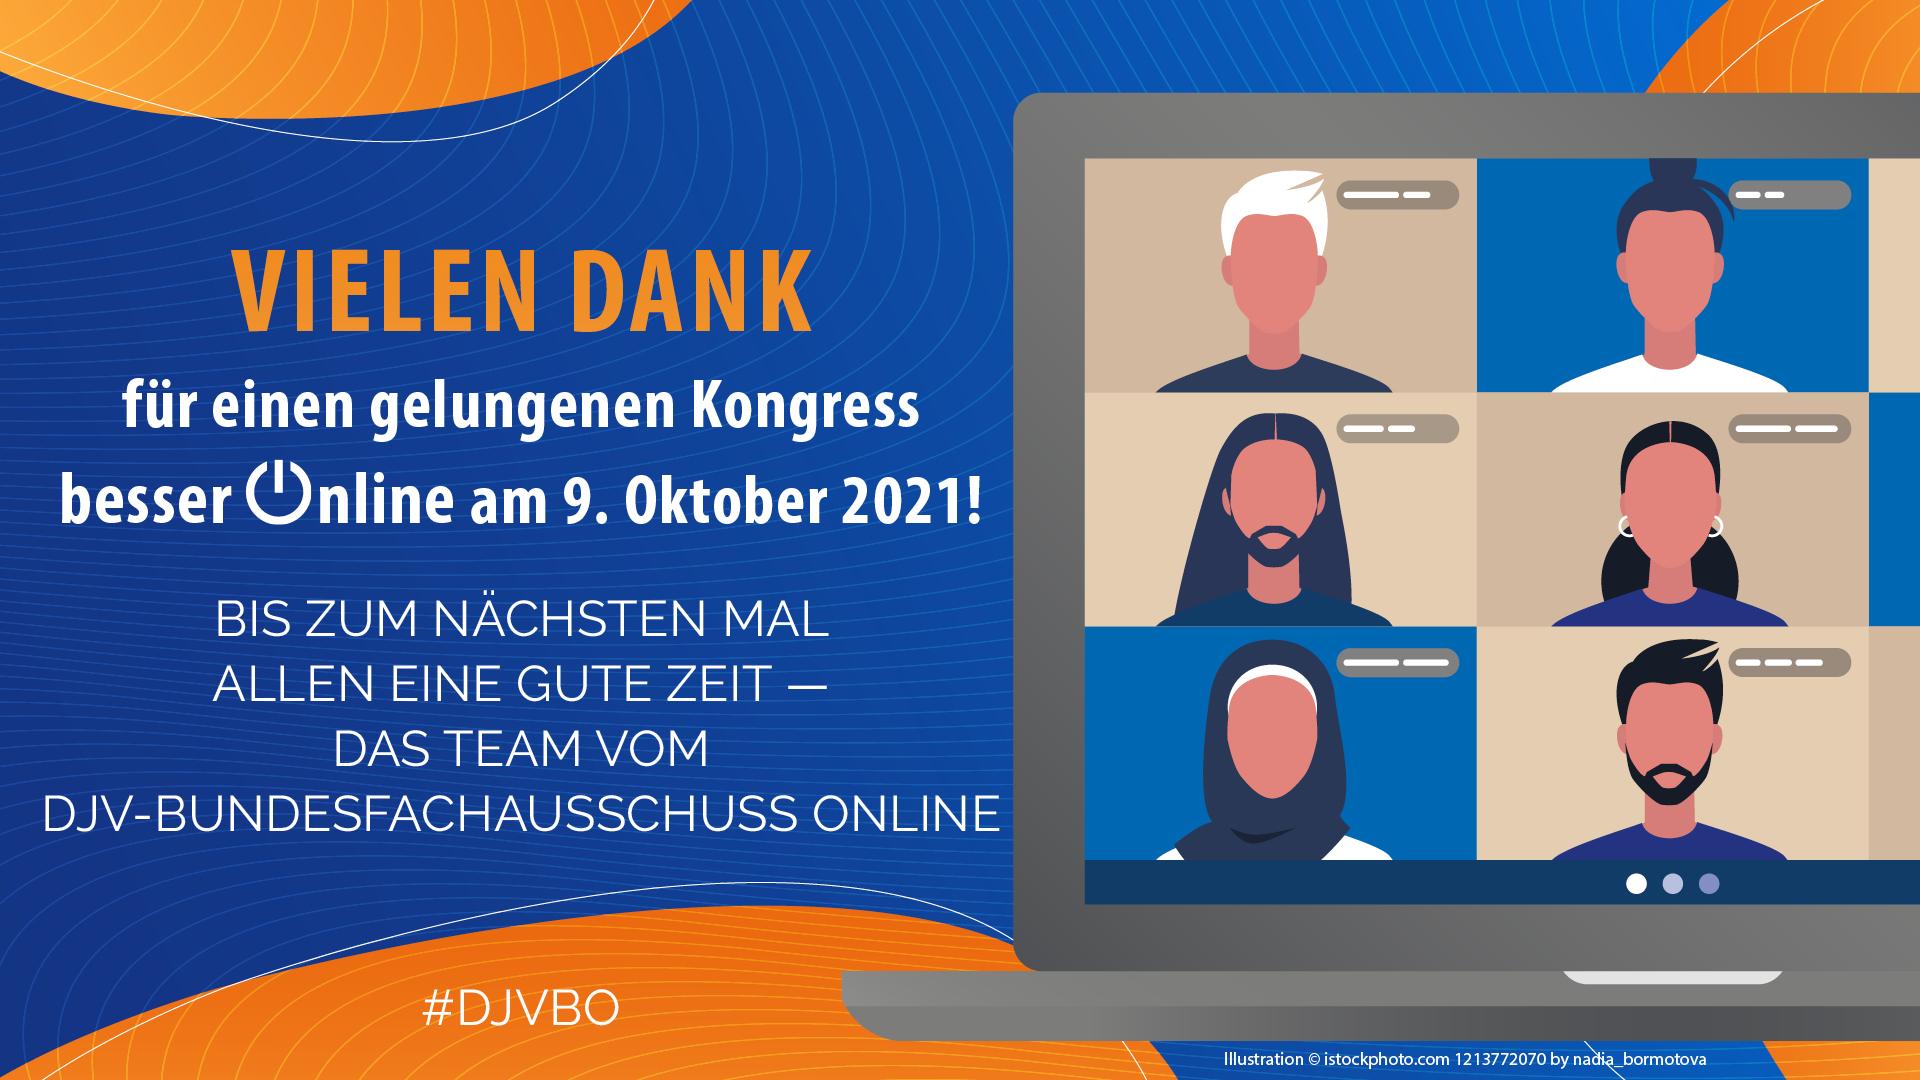 Besser Online 2021 - Die Online-Konferenz des DJV am 9. Oktober 2021 | Besser Online 2021 | Die Digital Denker:innen - Journalismus gemeinsam gestalten